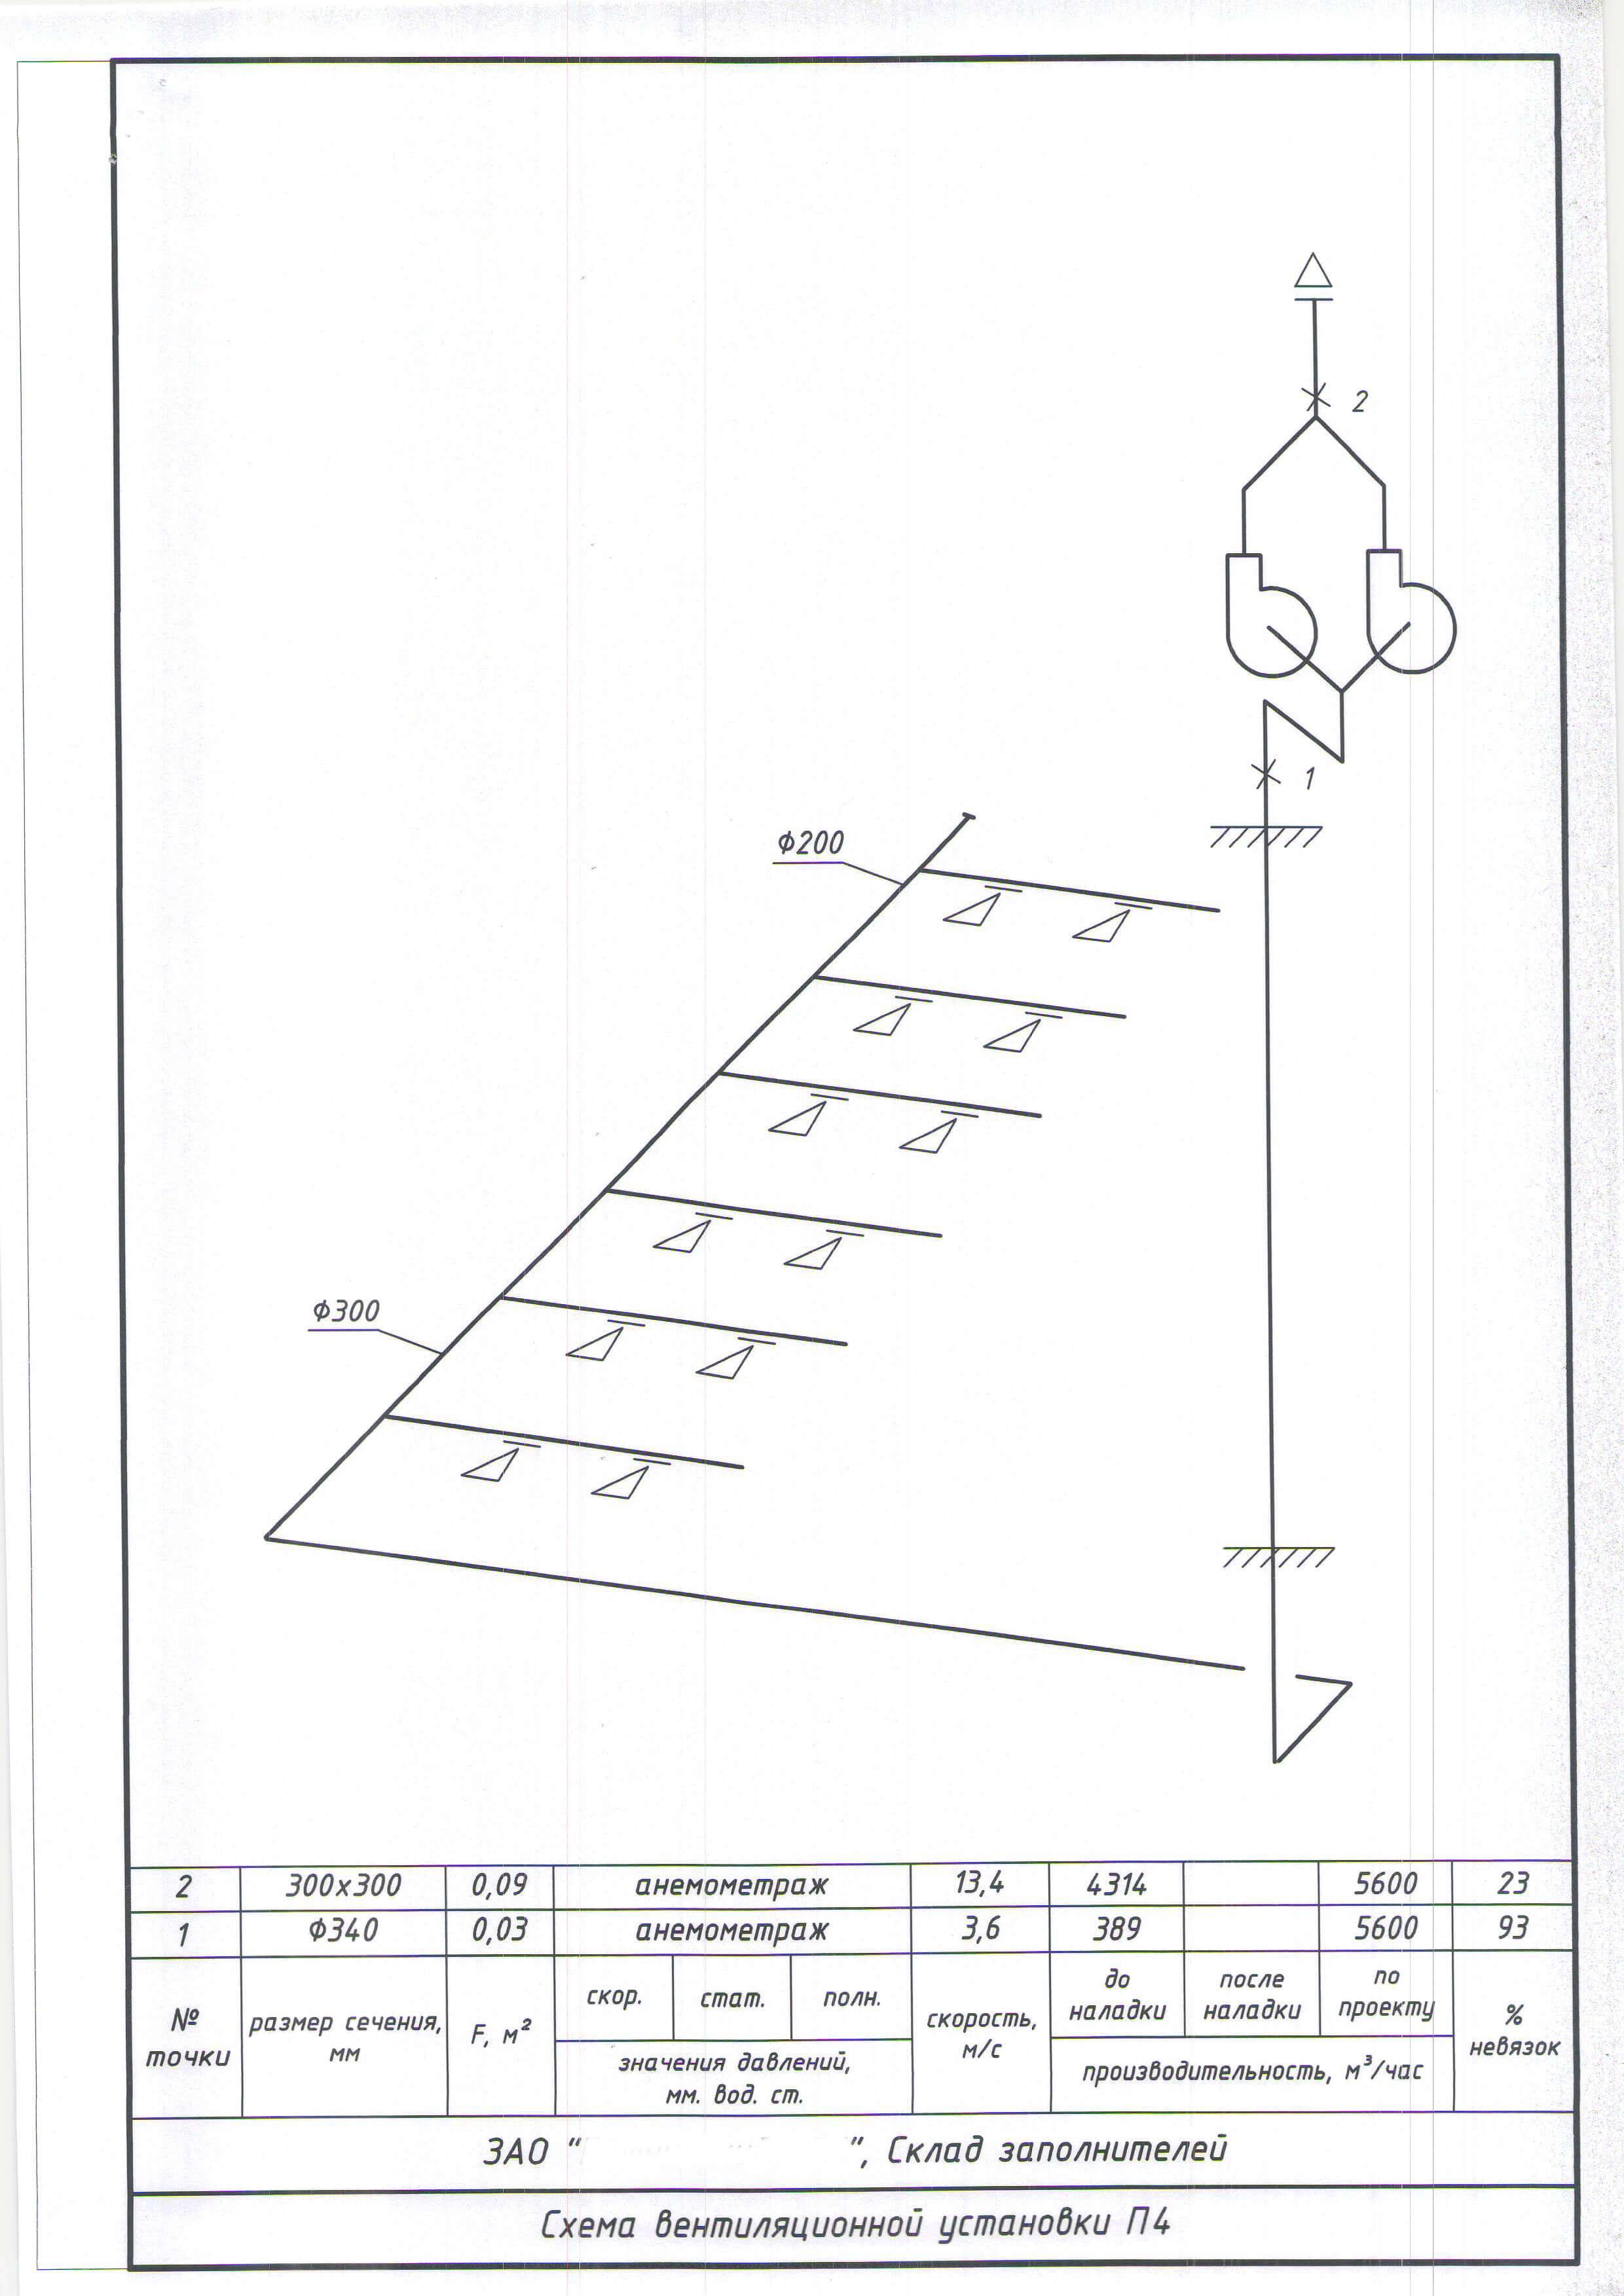 Инструкция по обслуживанию вентиляционных установок